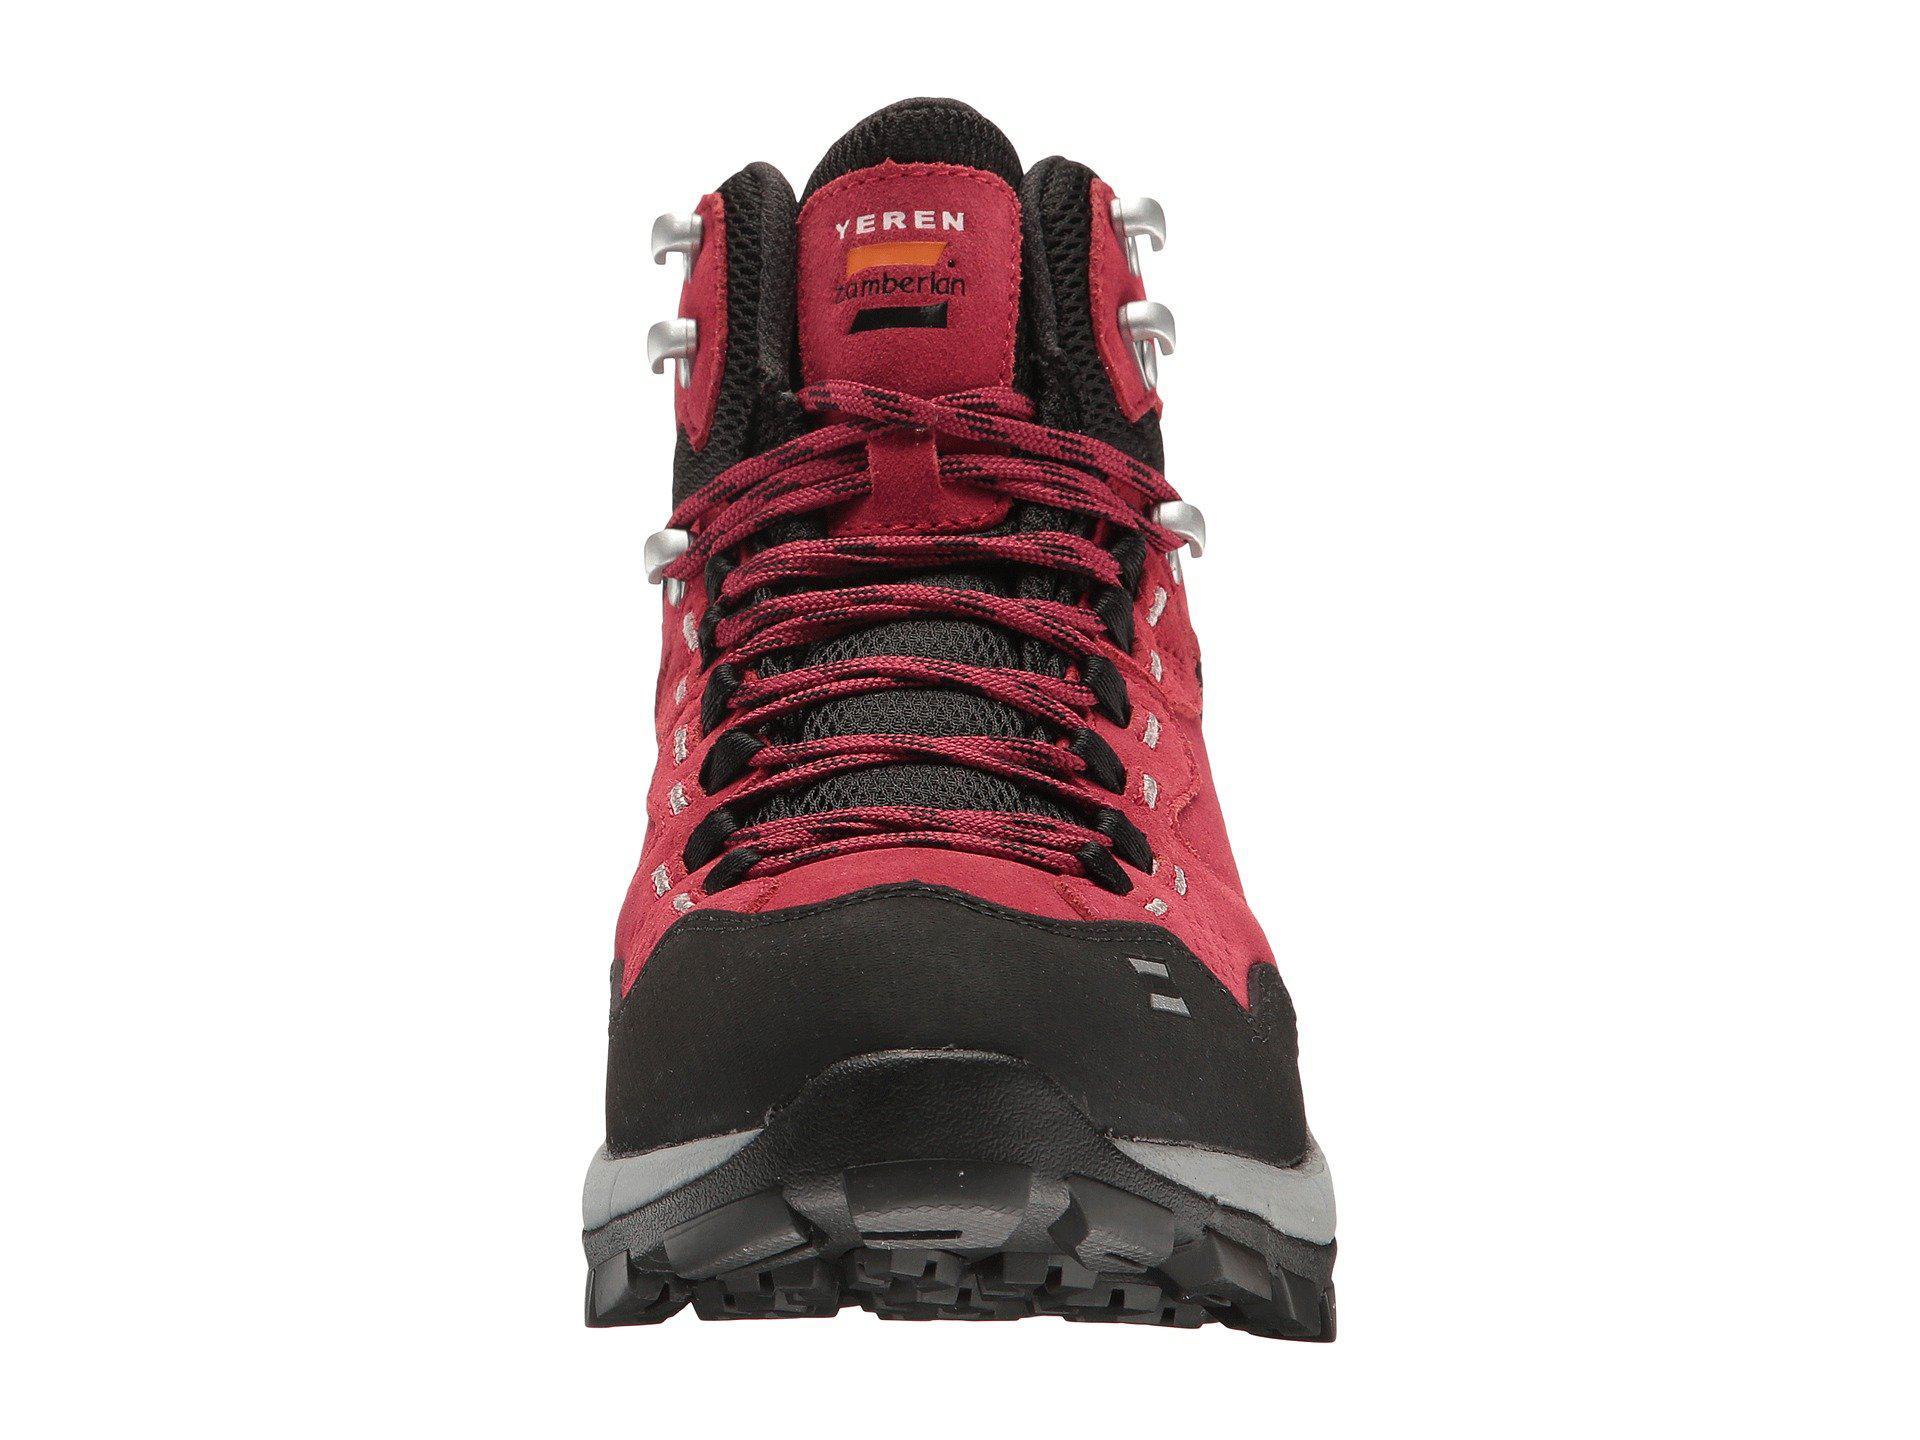 b3fac8679d9 Yeren Gtx Rr (gerbera) Women's Boots